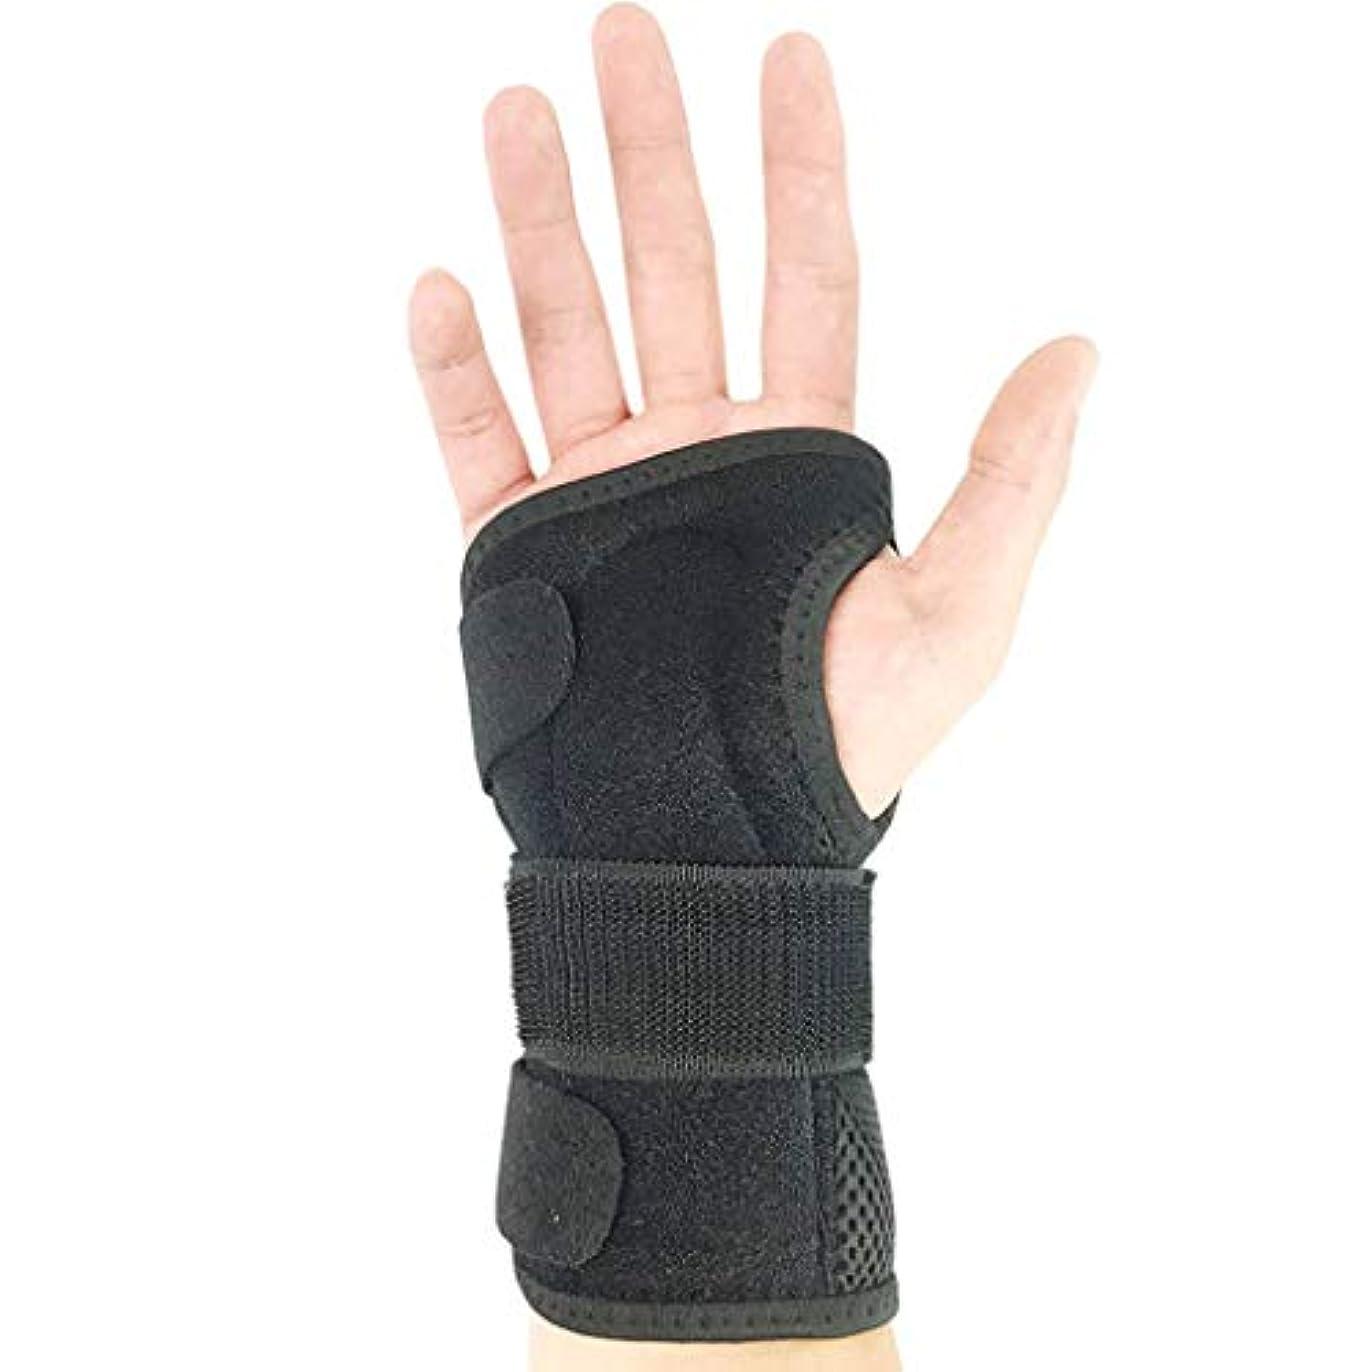 タールく放送手首骨折固定副子 - 通気性フィットネス捻挫痛みプロテクター調節可能な左右の手首バンドユニセックス,Right,M